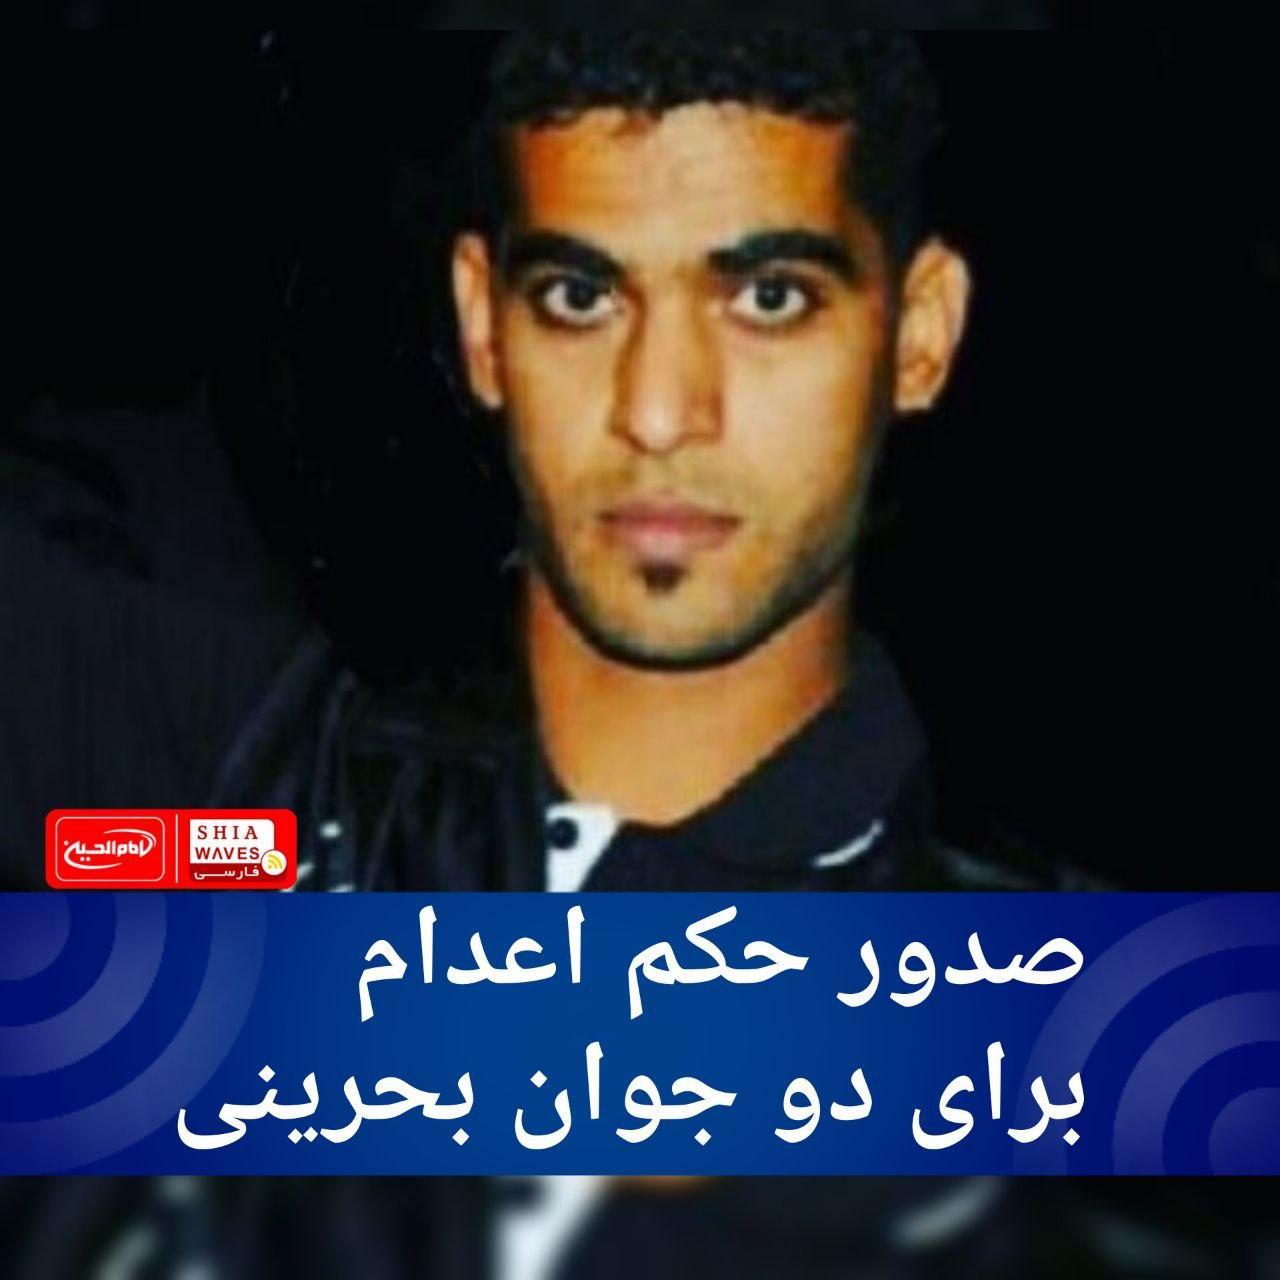 تصویر صدور حکم اعدام برای دو جوان بحرینی